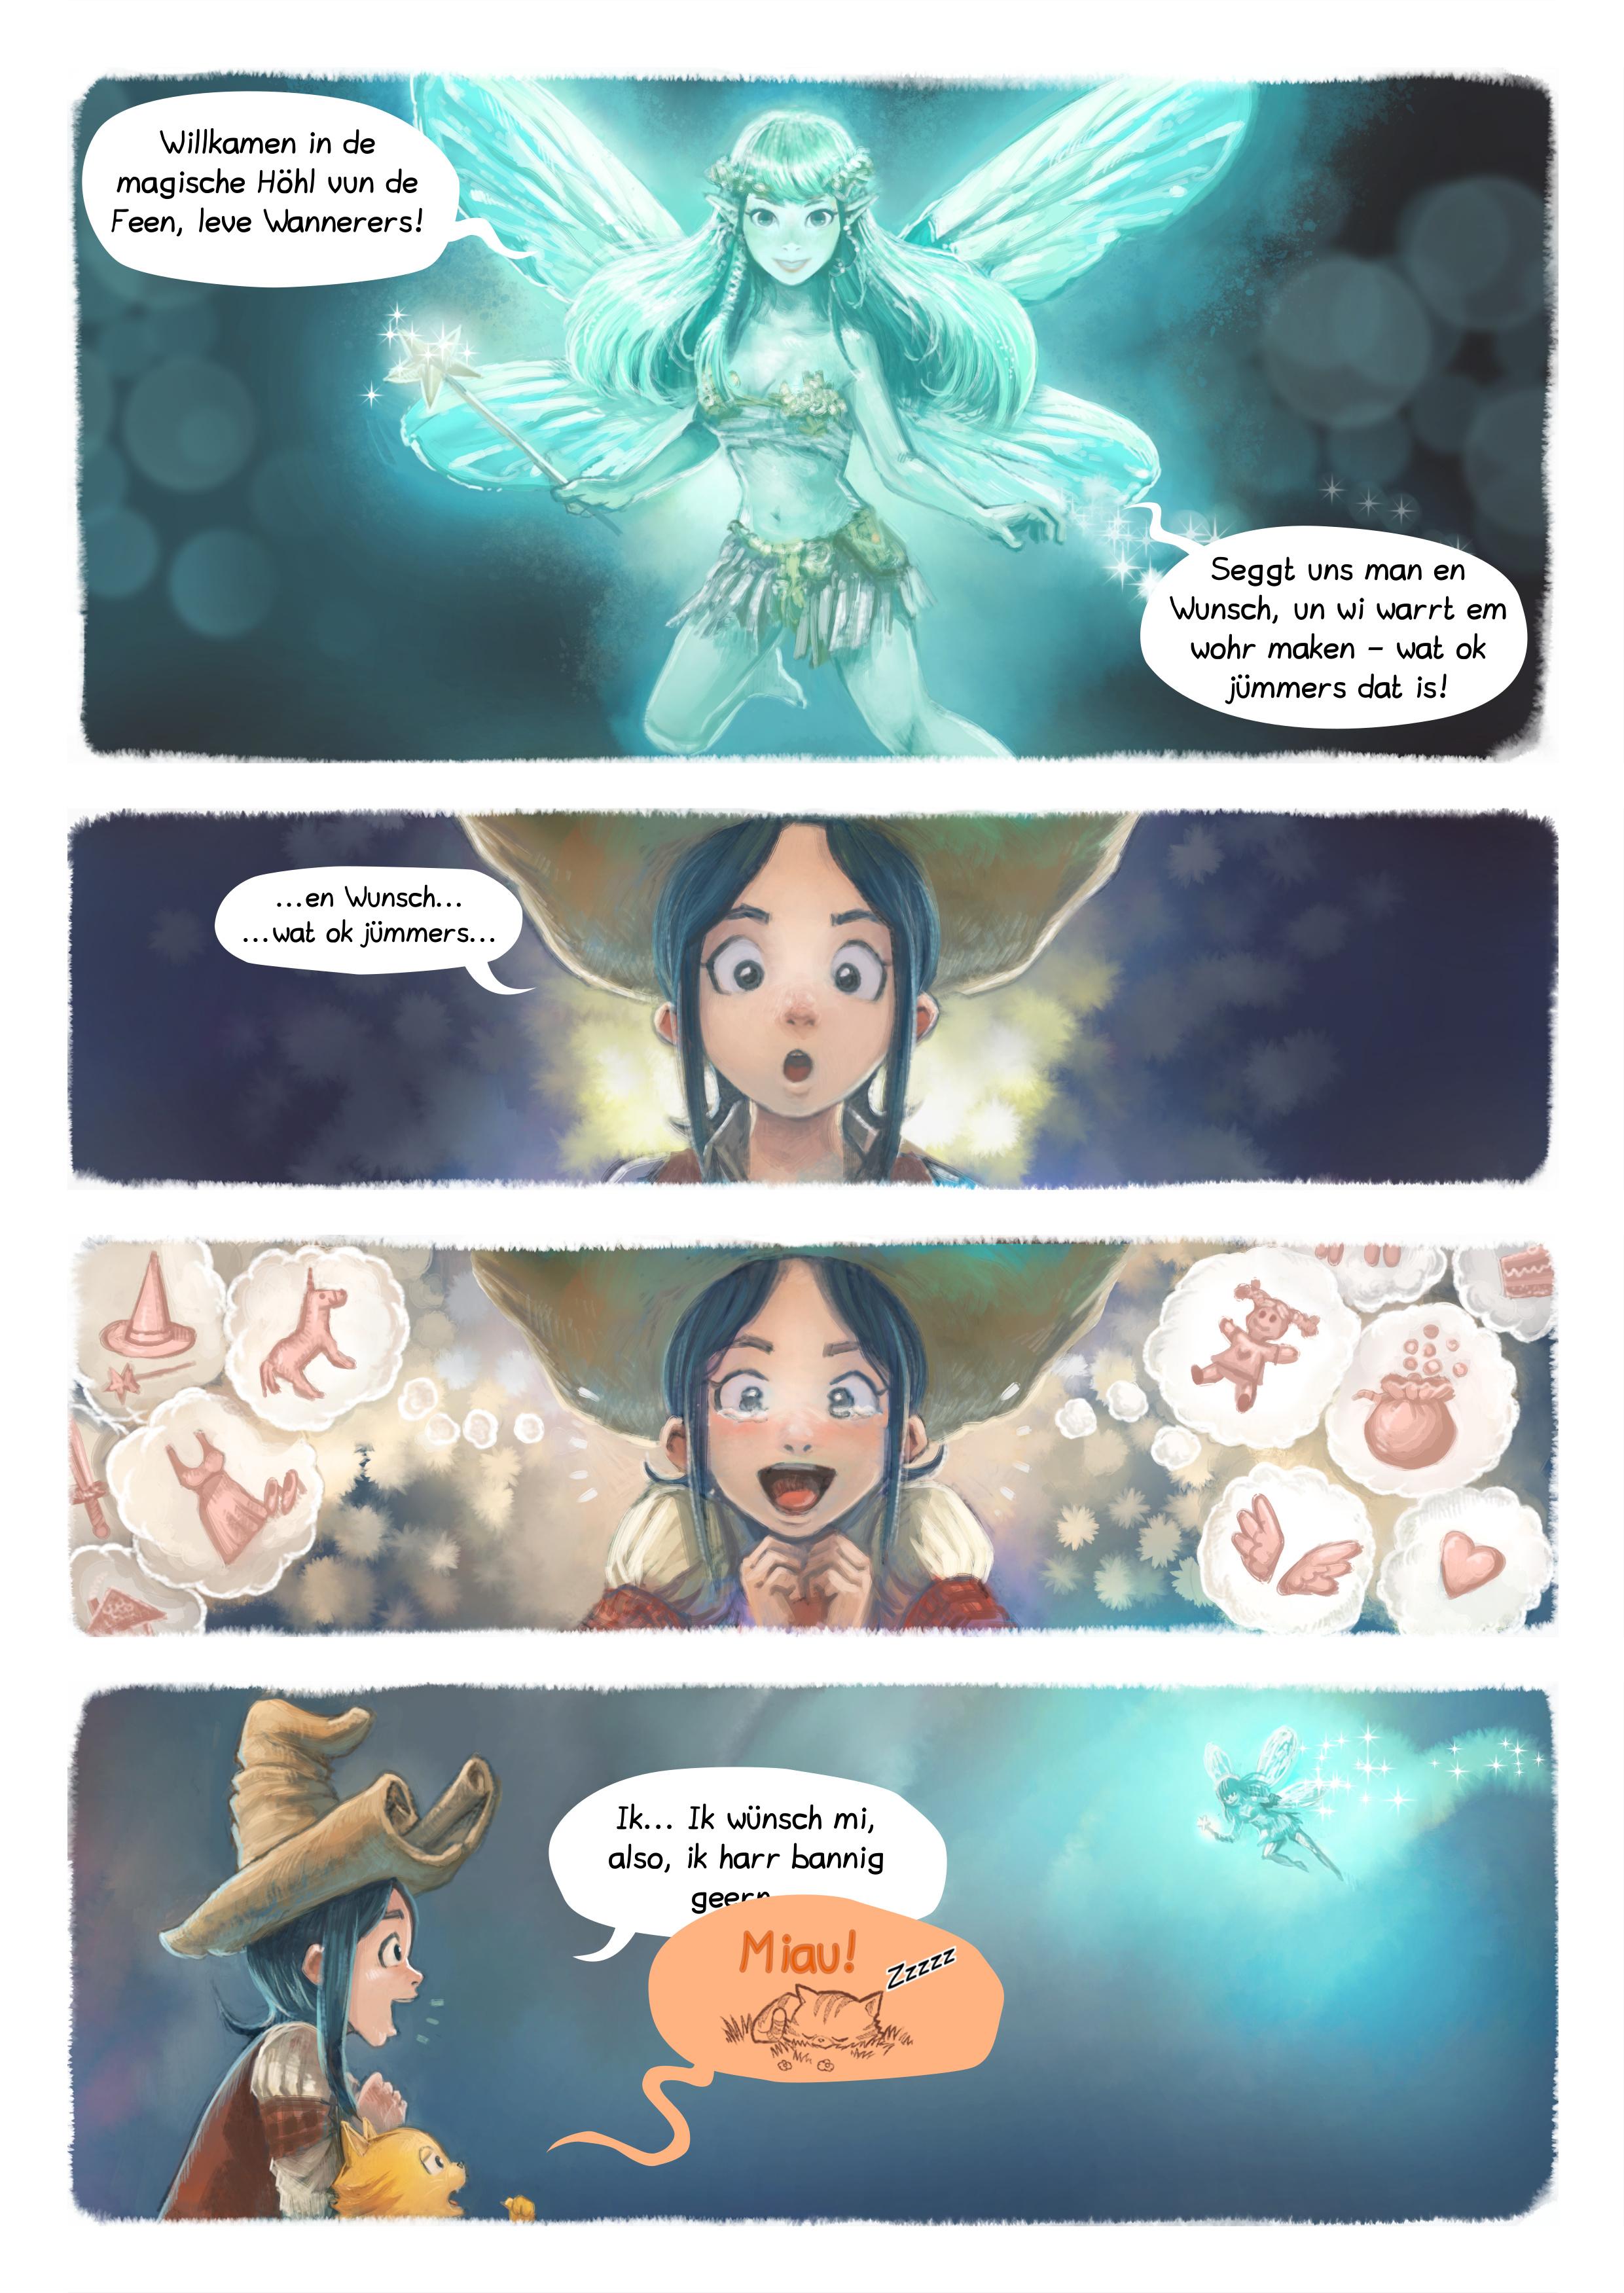 Folg 7: De Wunsch, Page 4